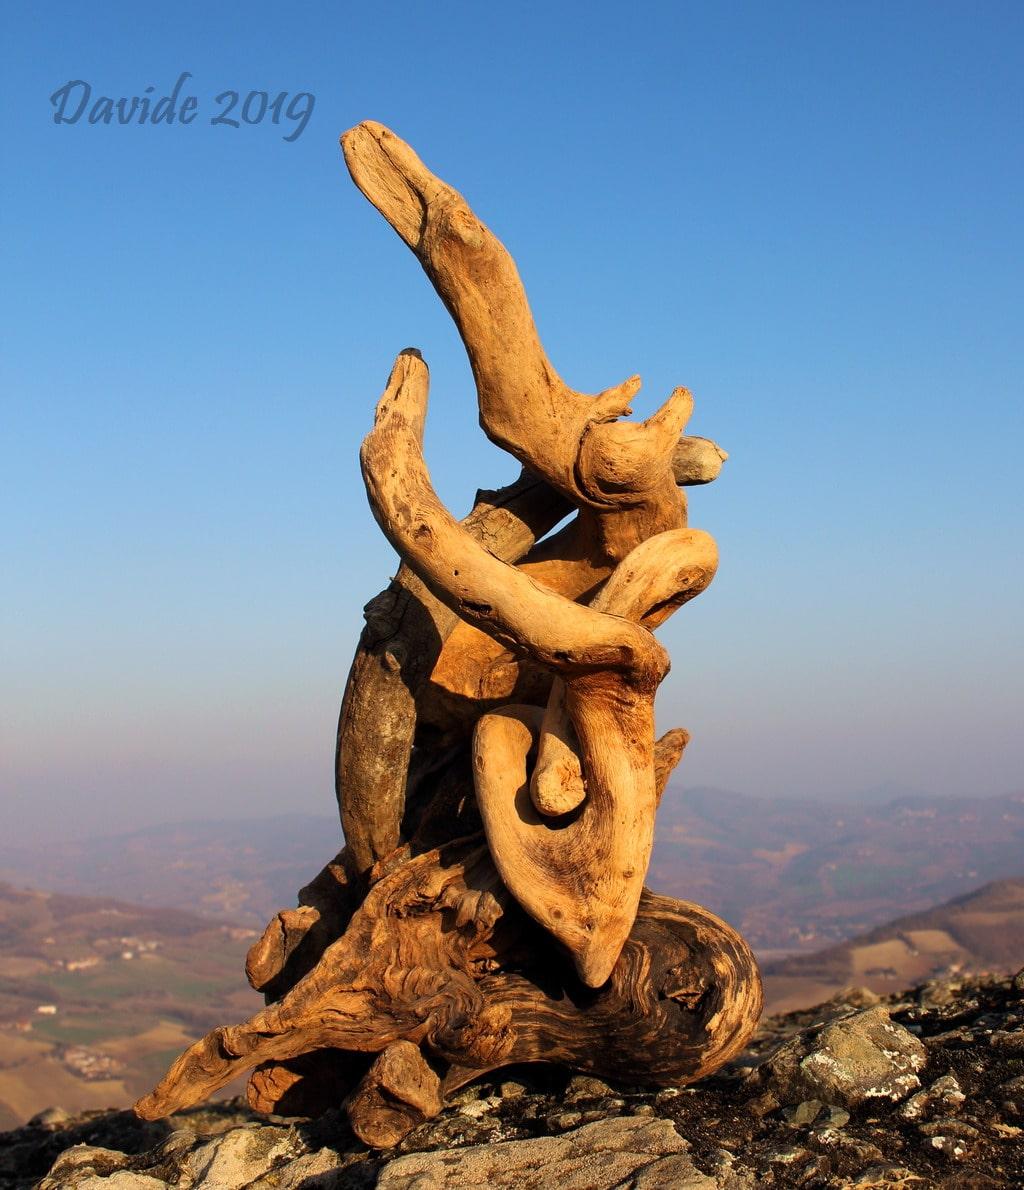 """Davide, """"Forme sfuggenti #23 – Pietra Perduca"""", Travo (Piacenza, Emilia-Romagna – Valtrebbia, Italia), febbraio 2019. © Davide Tansini"""